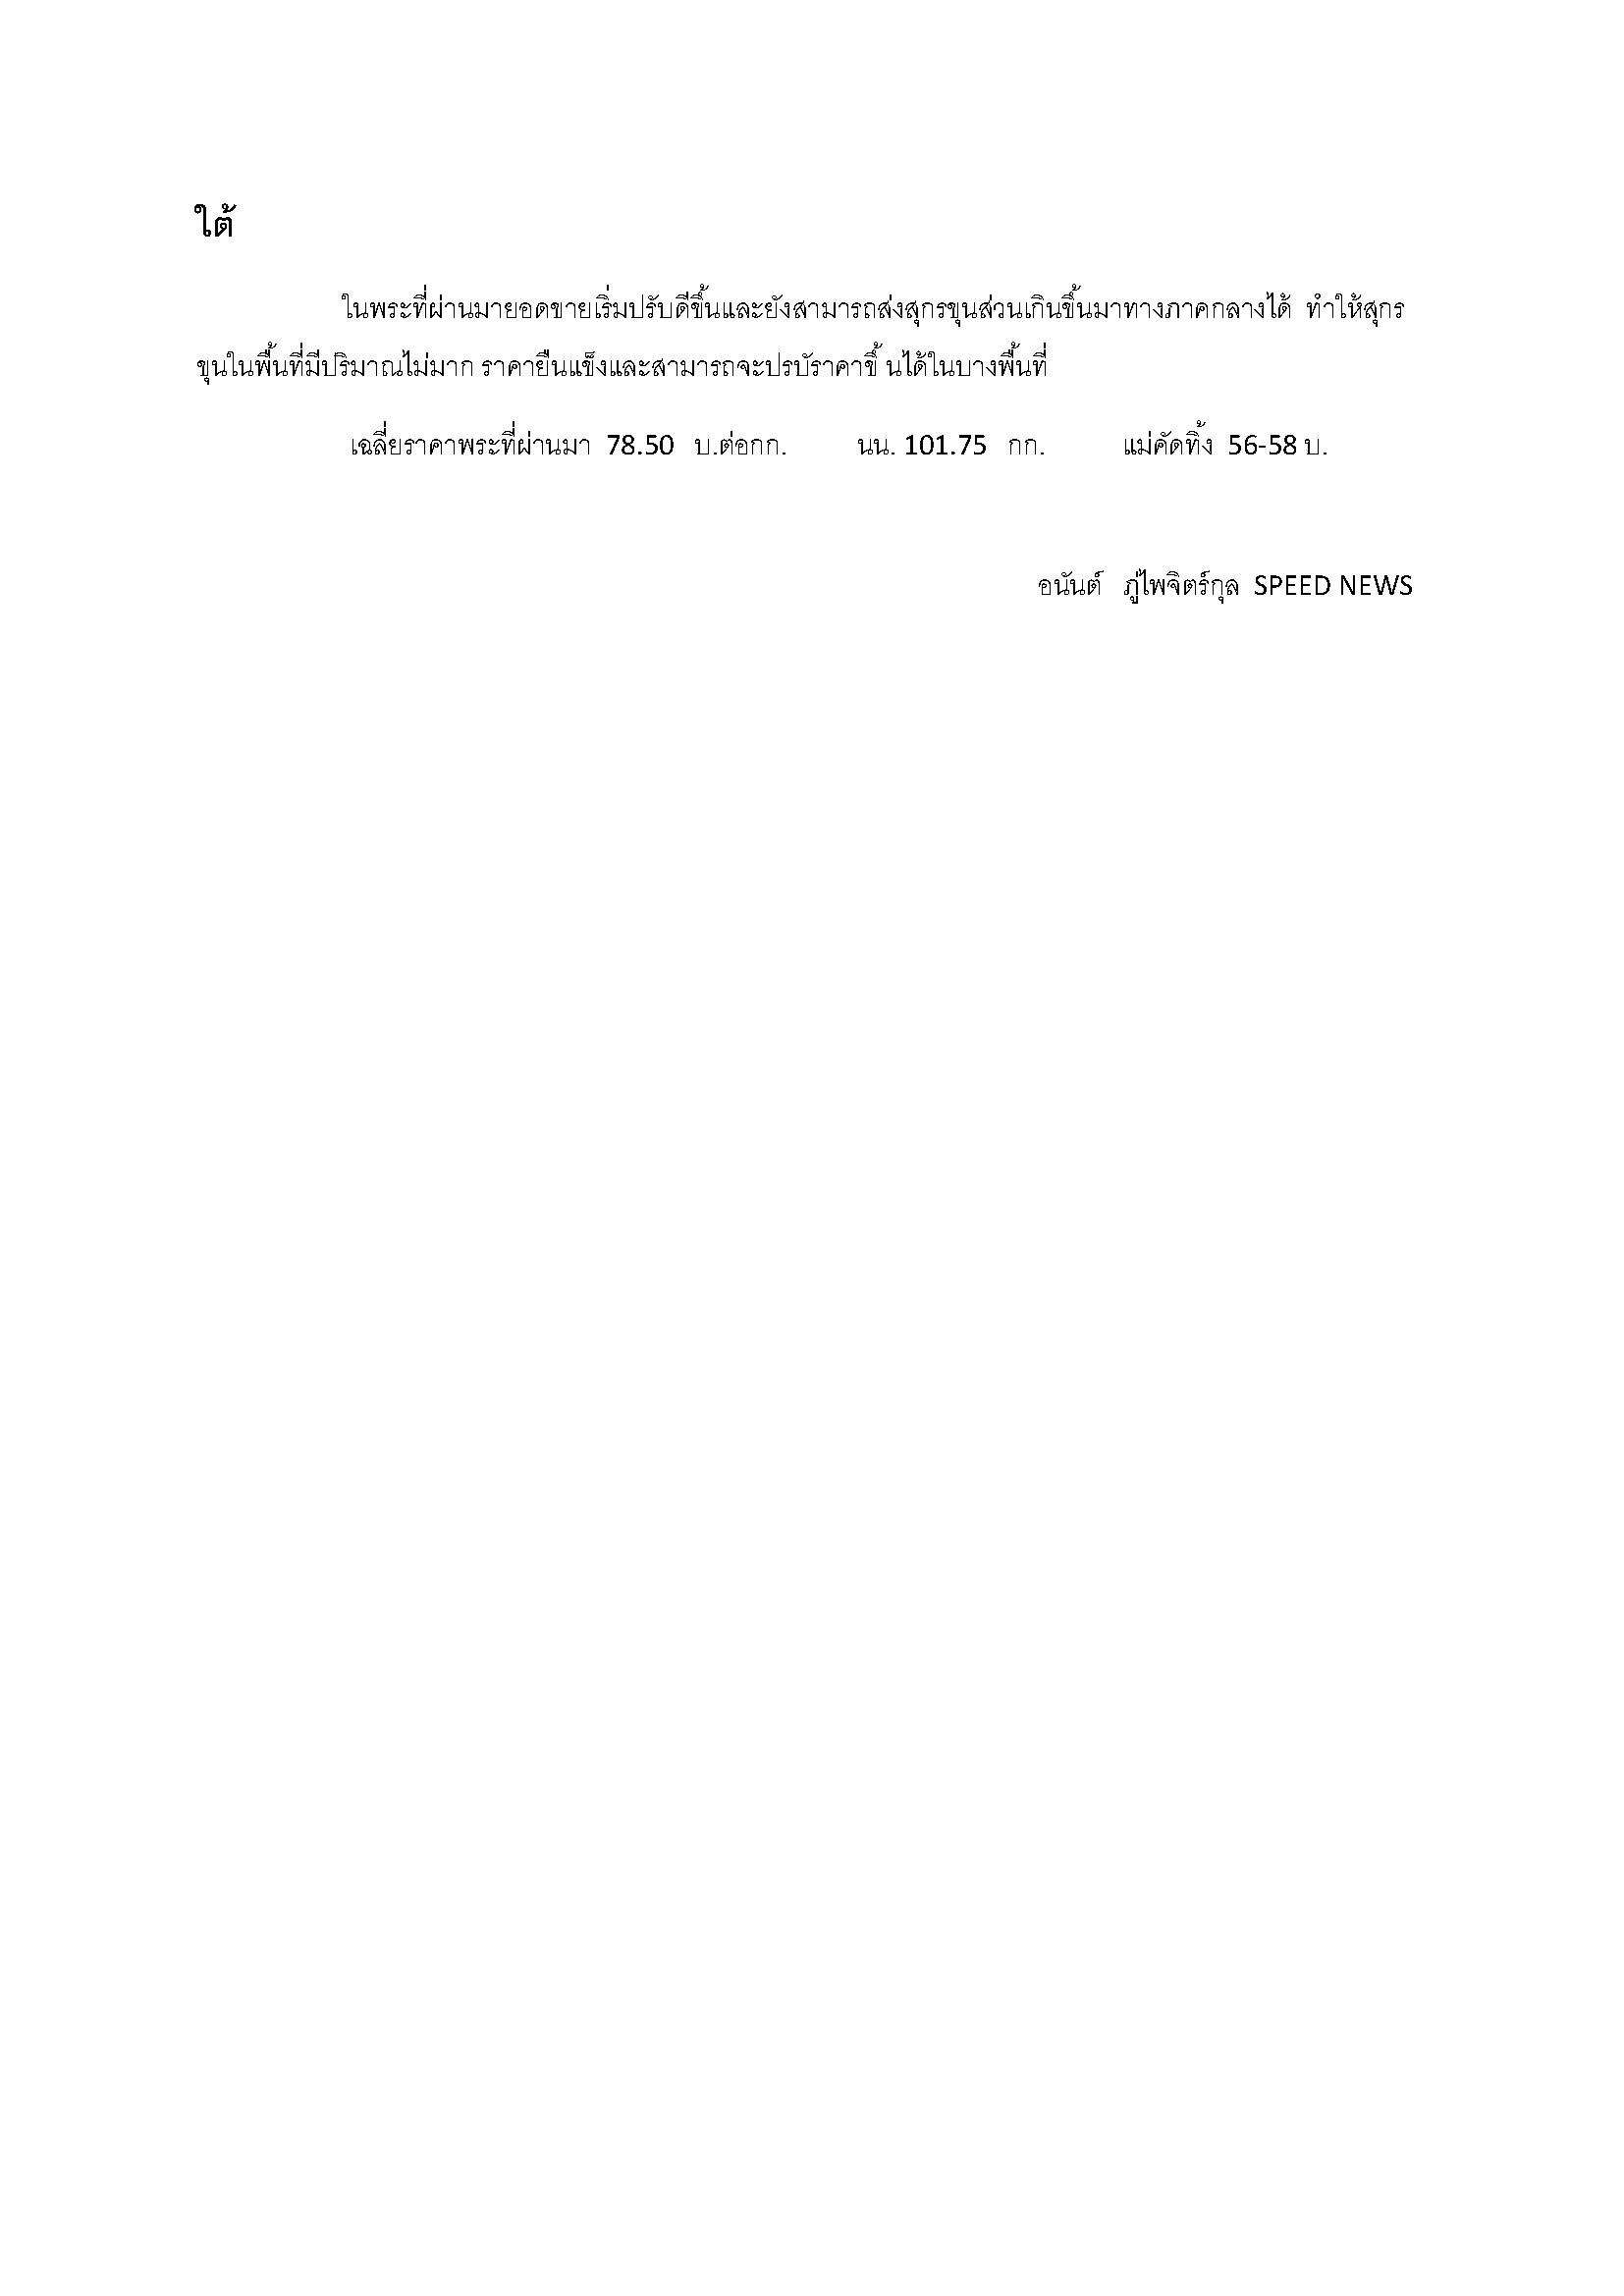 สรุป สภาวะราคาสุกรขุน  20 พ.ค. 57_Page_2